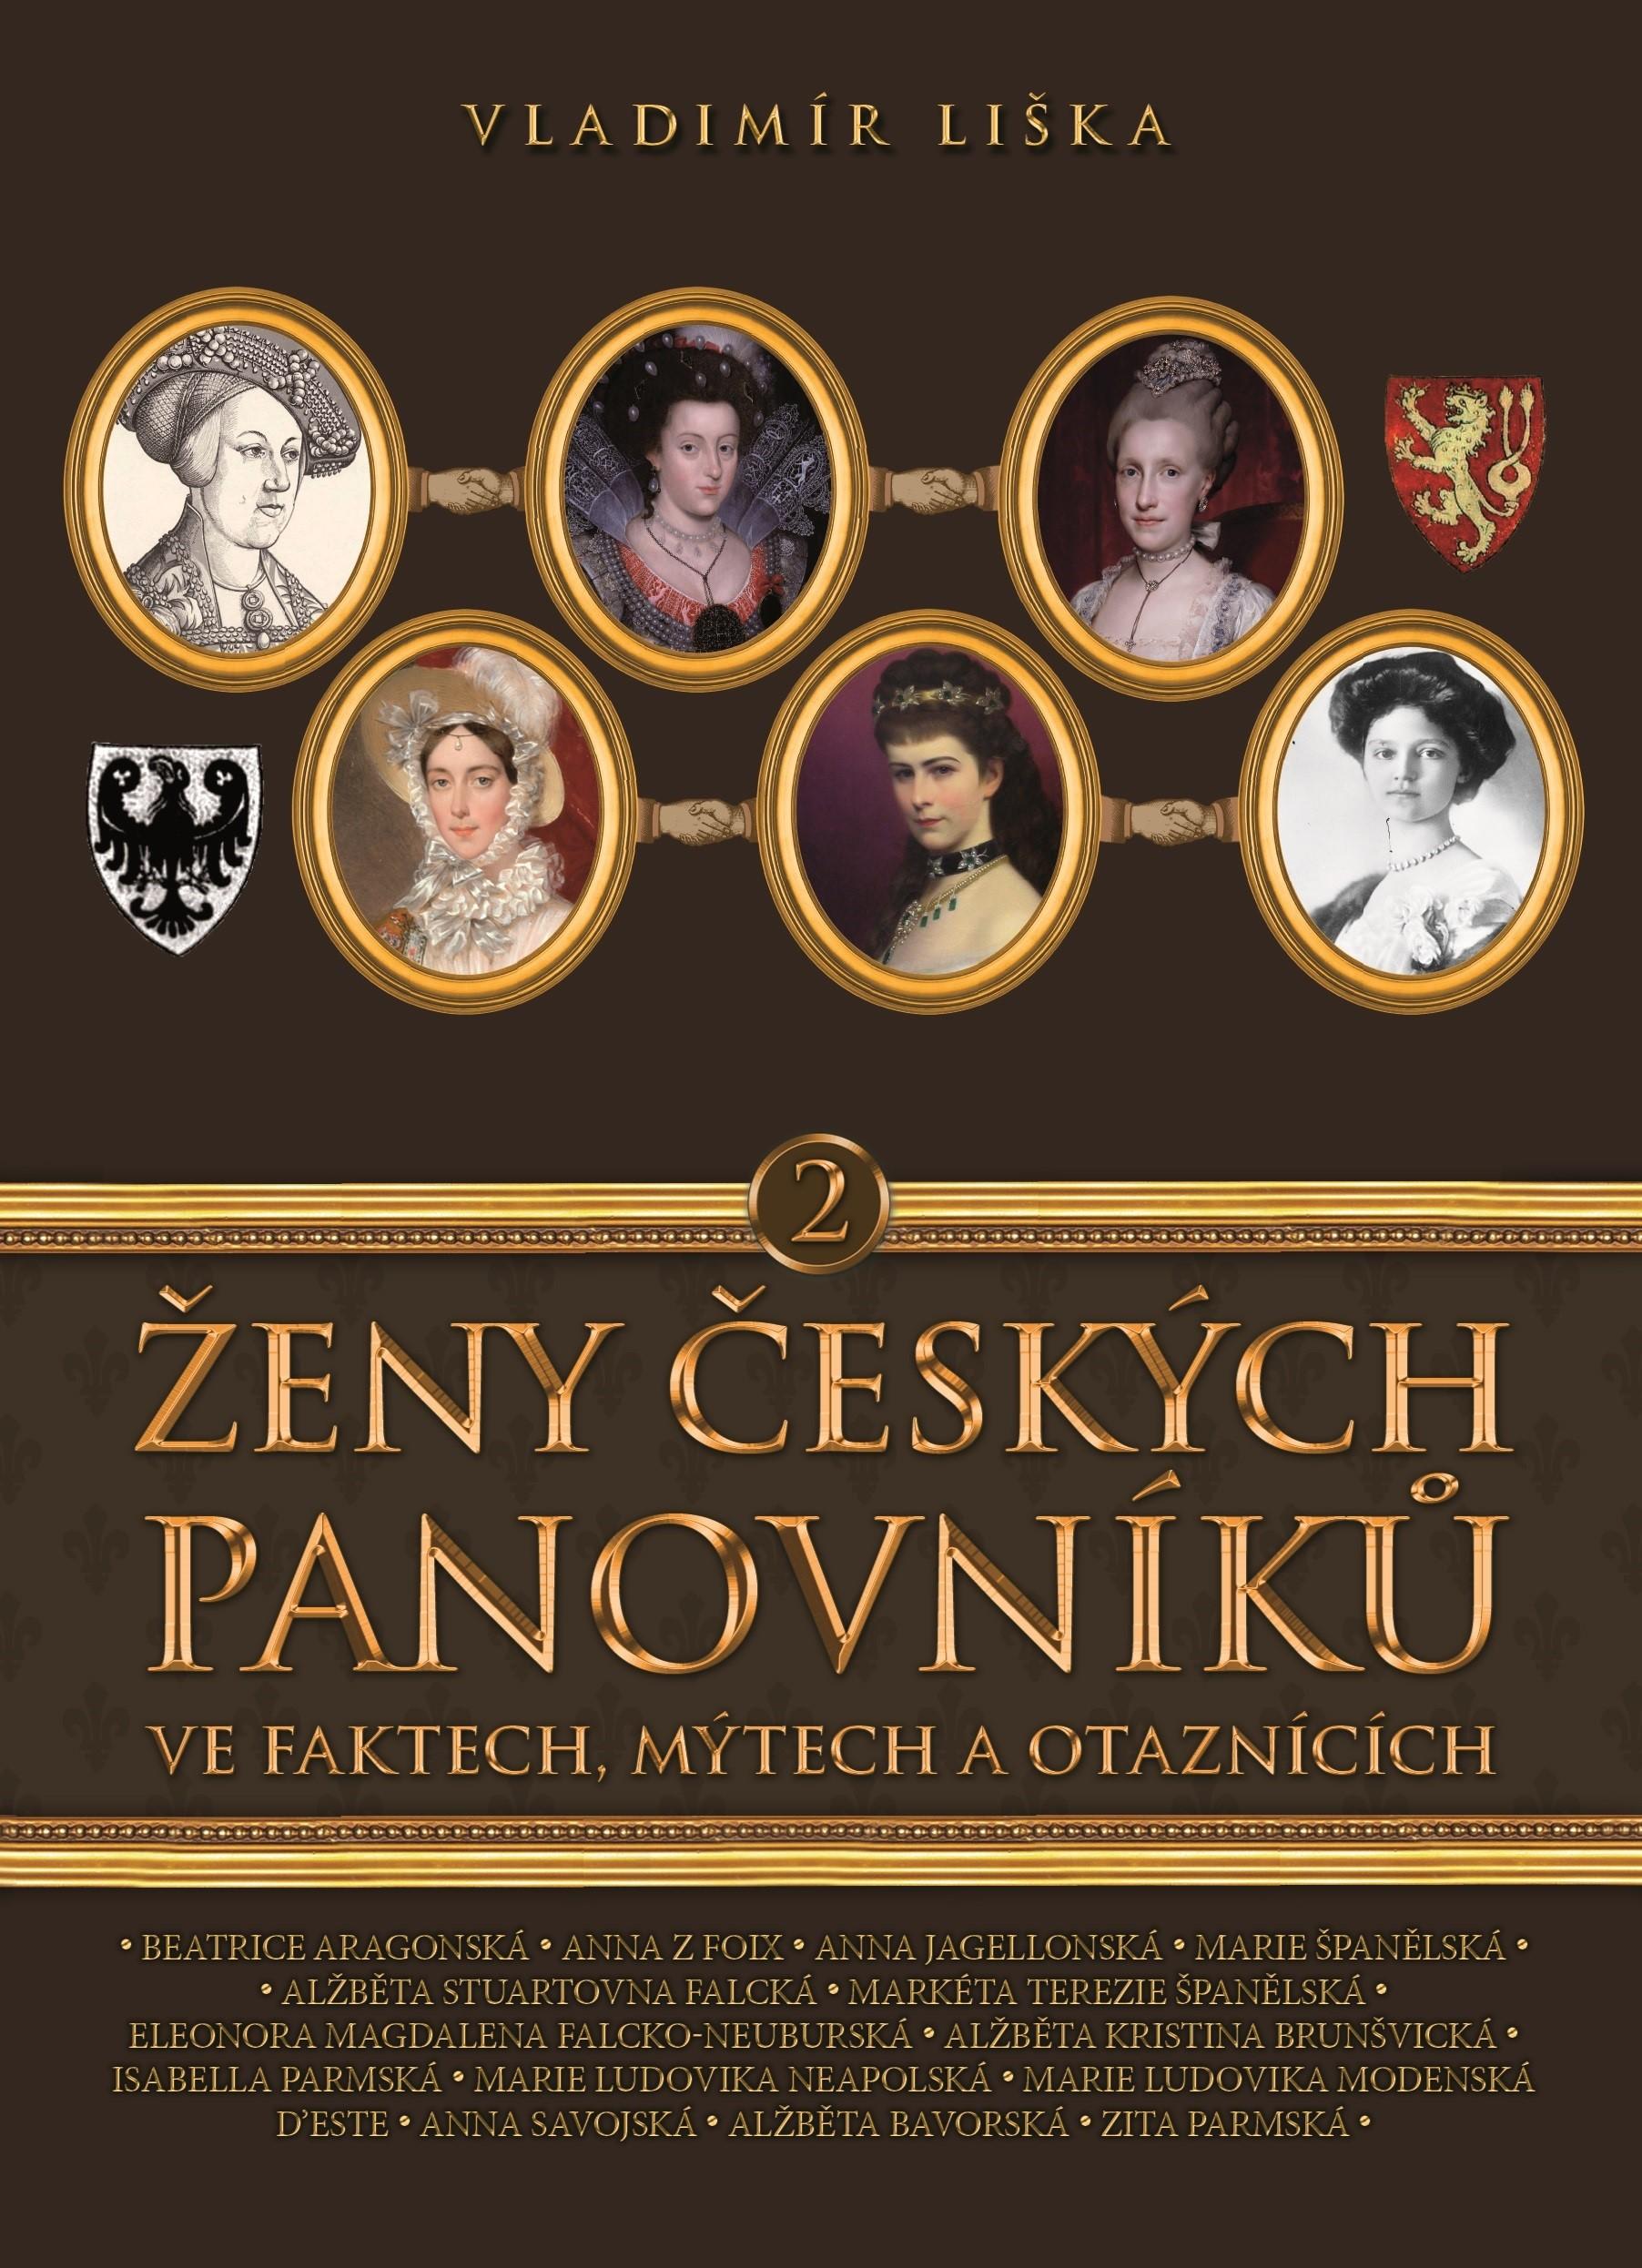 Ženy českých panovníků 2 | Vladimír Liška